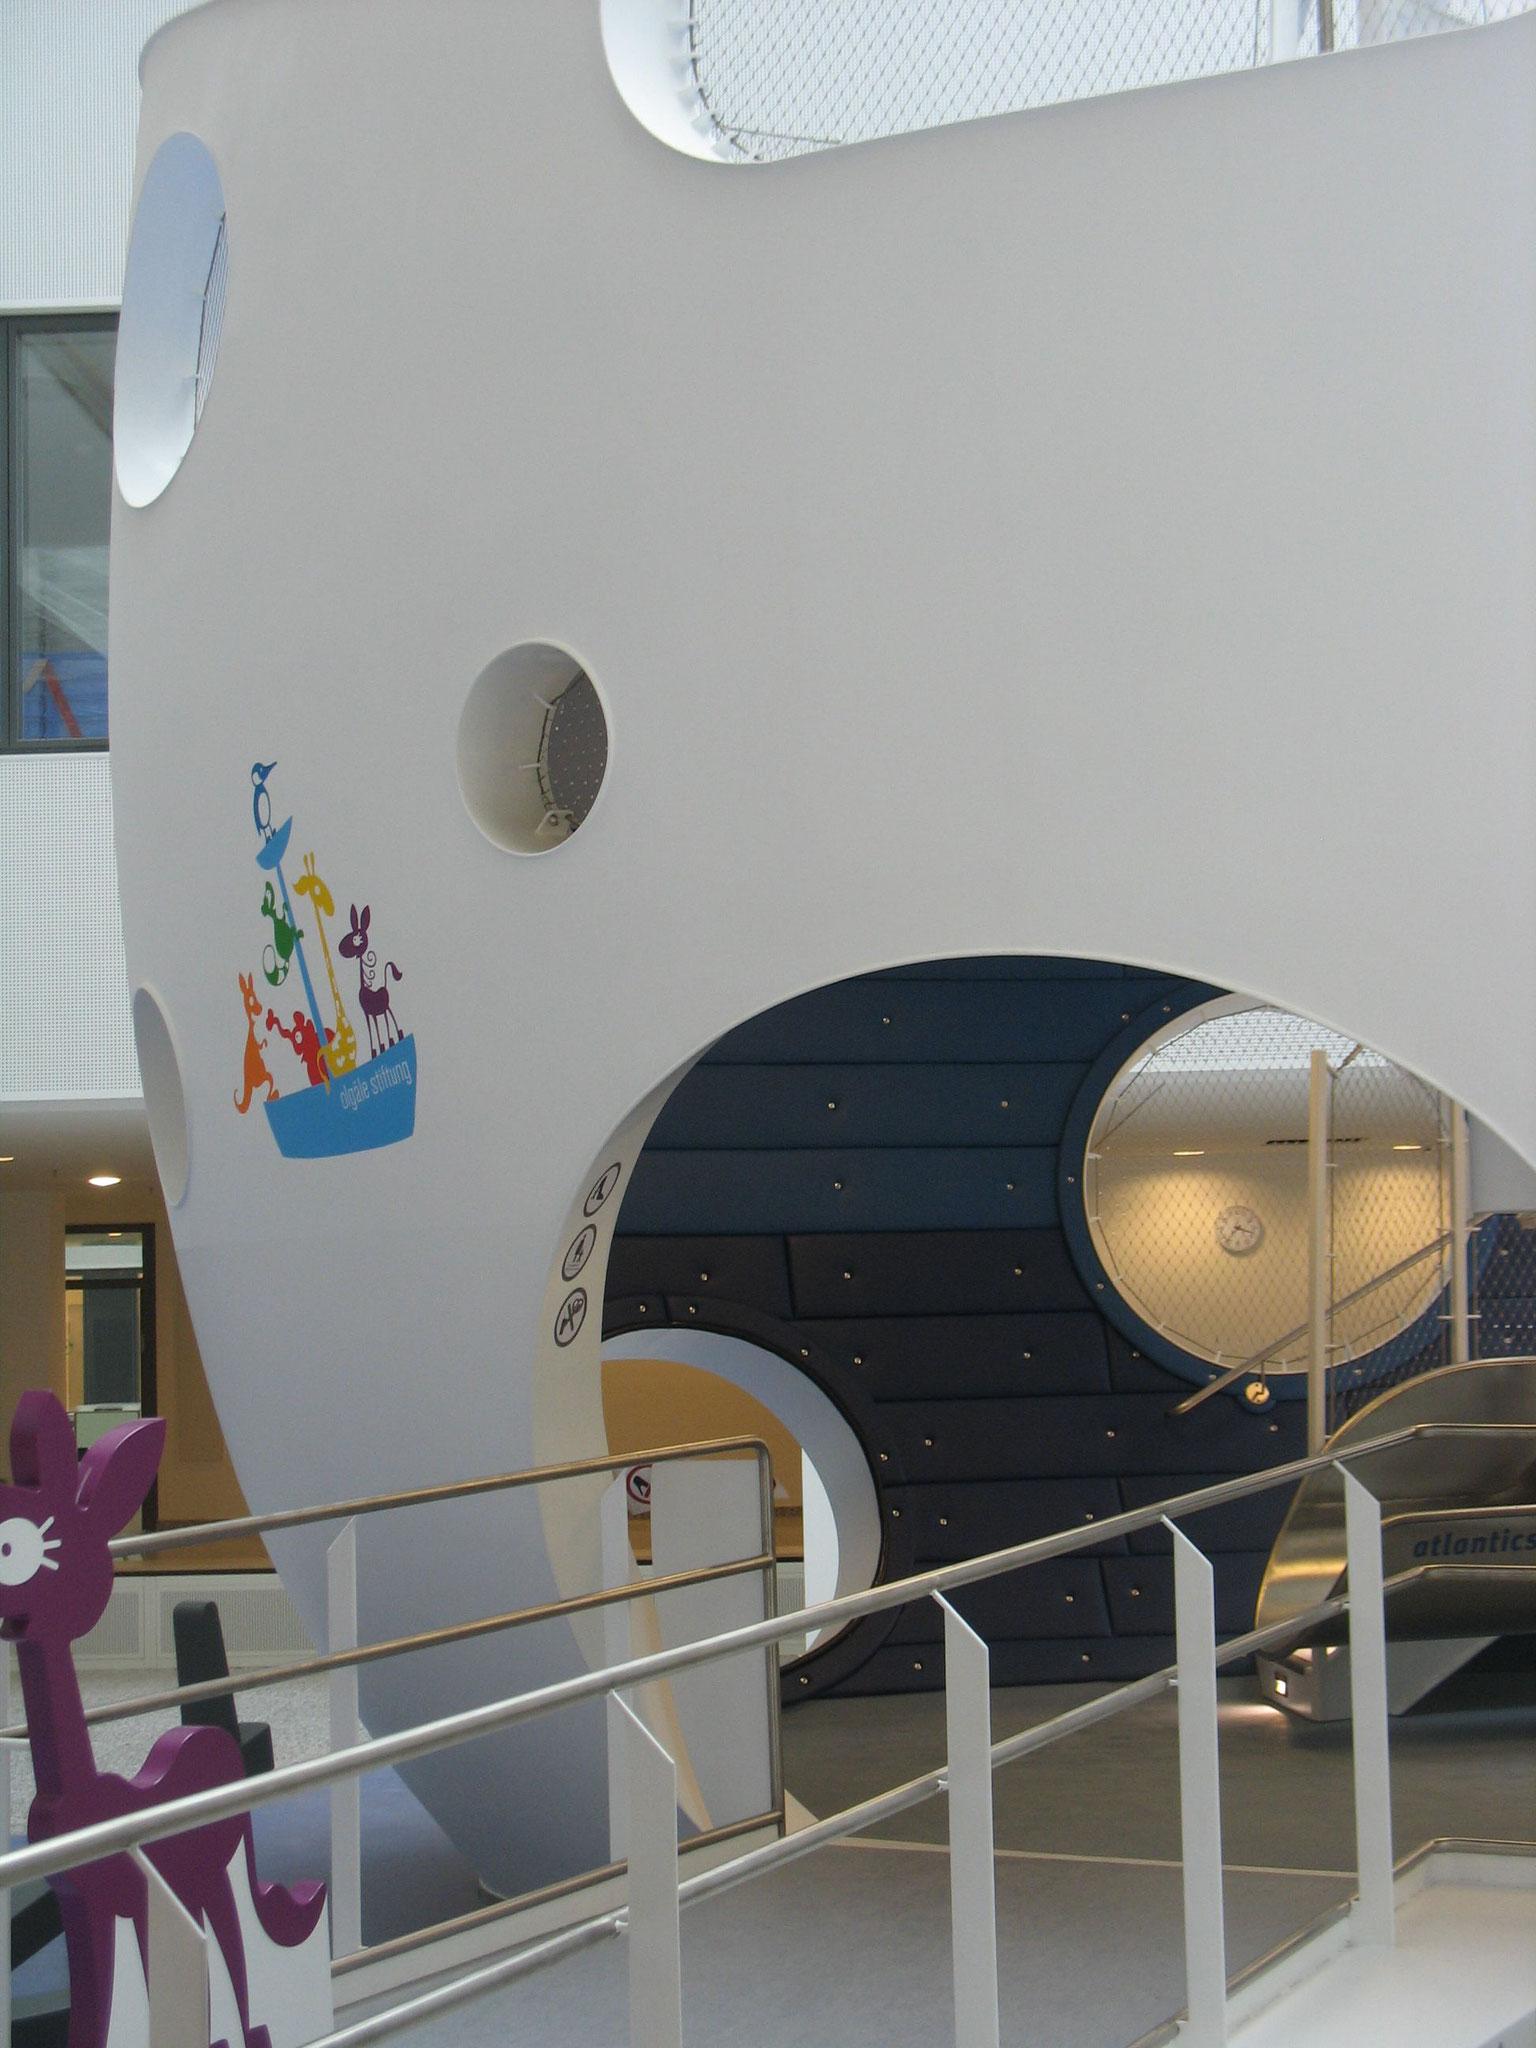 Eingangsbereich des Olahospitals